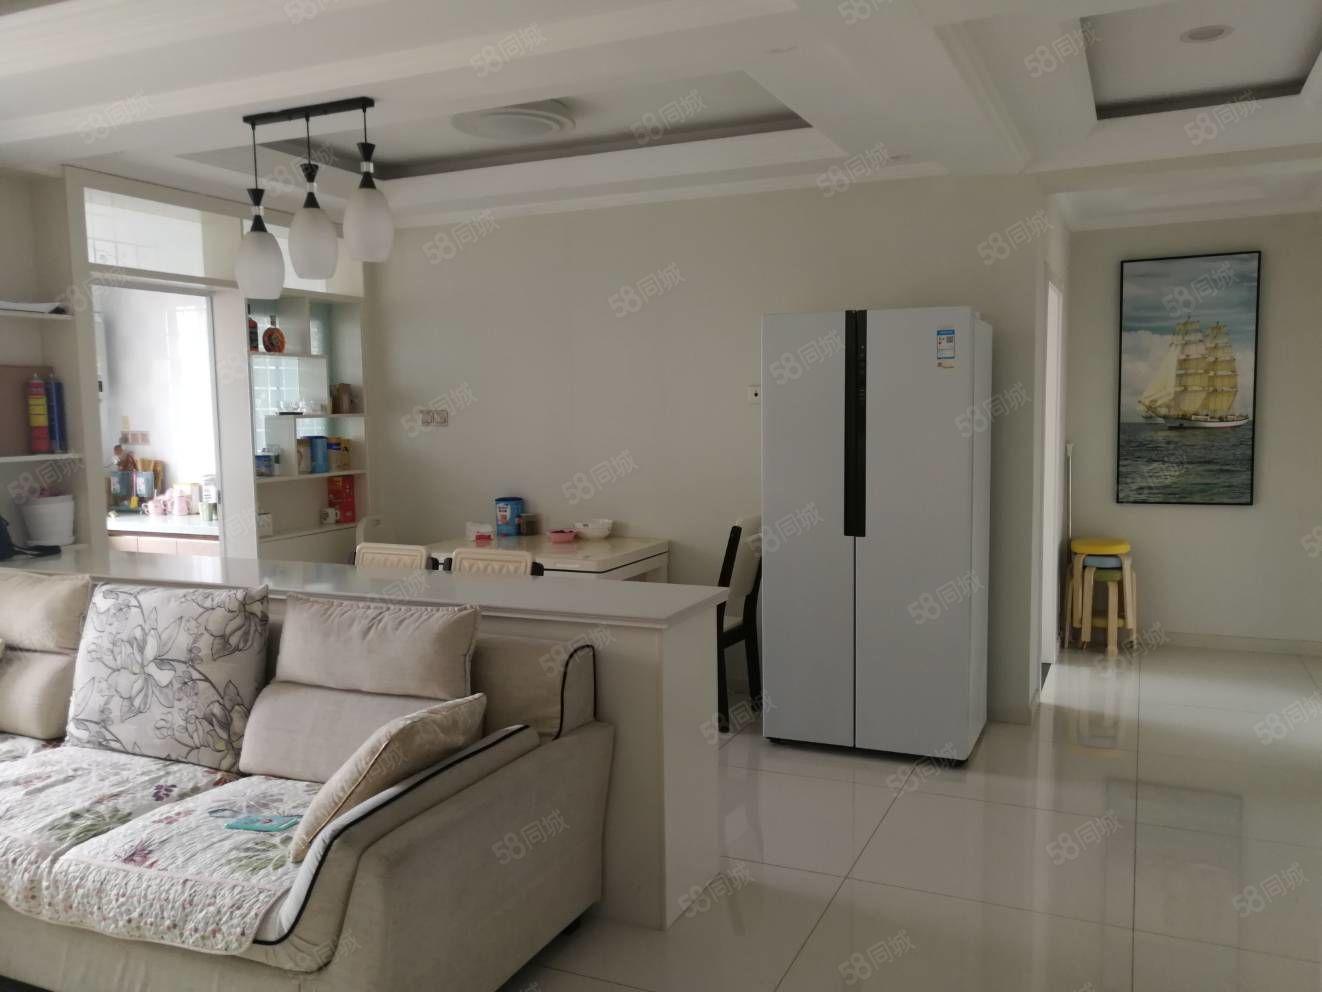 润园98.97平精装两室采光好,包含空调冰箱洗衣机只要75万